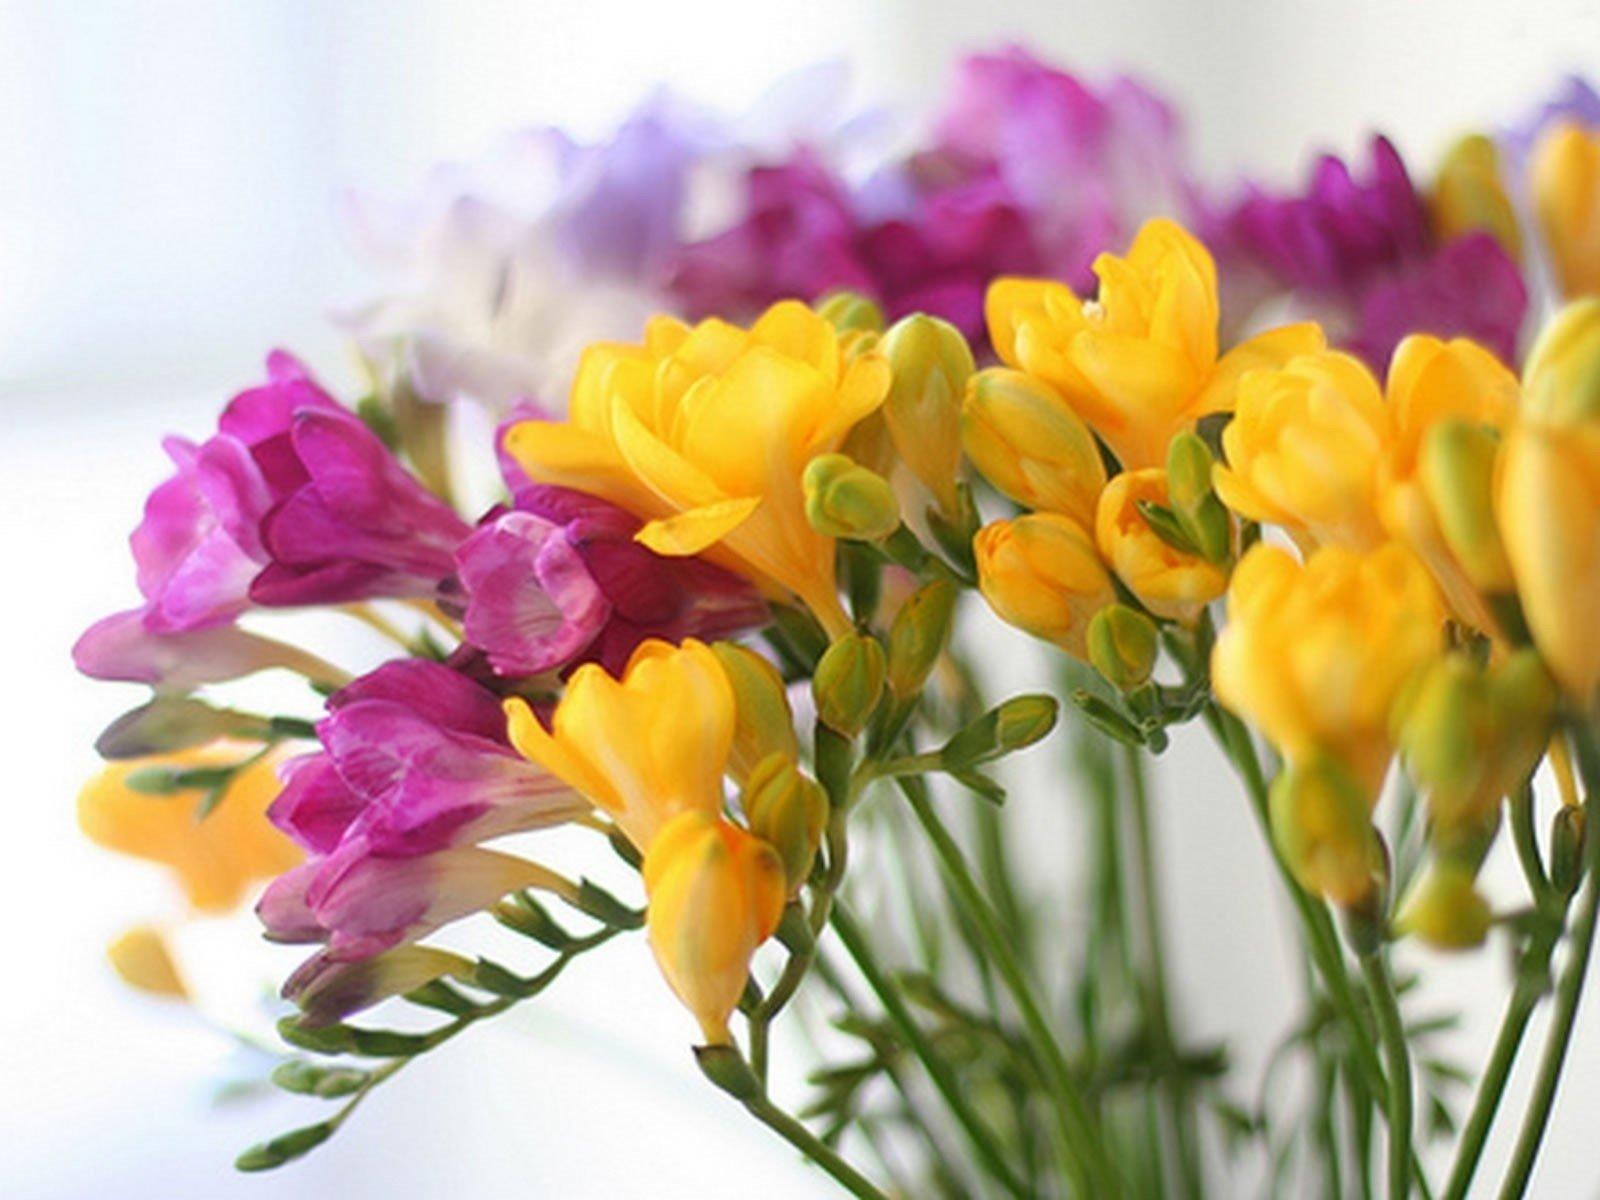 گل خوشبویی به نام گل فرزیا Freesia